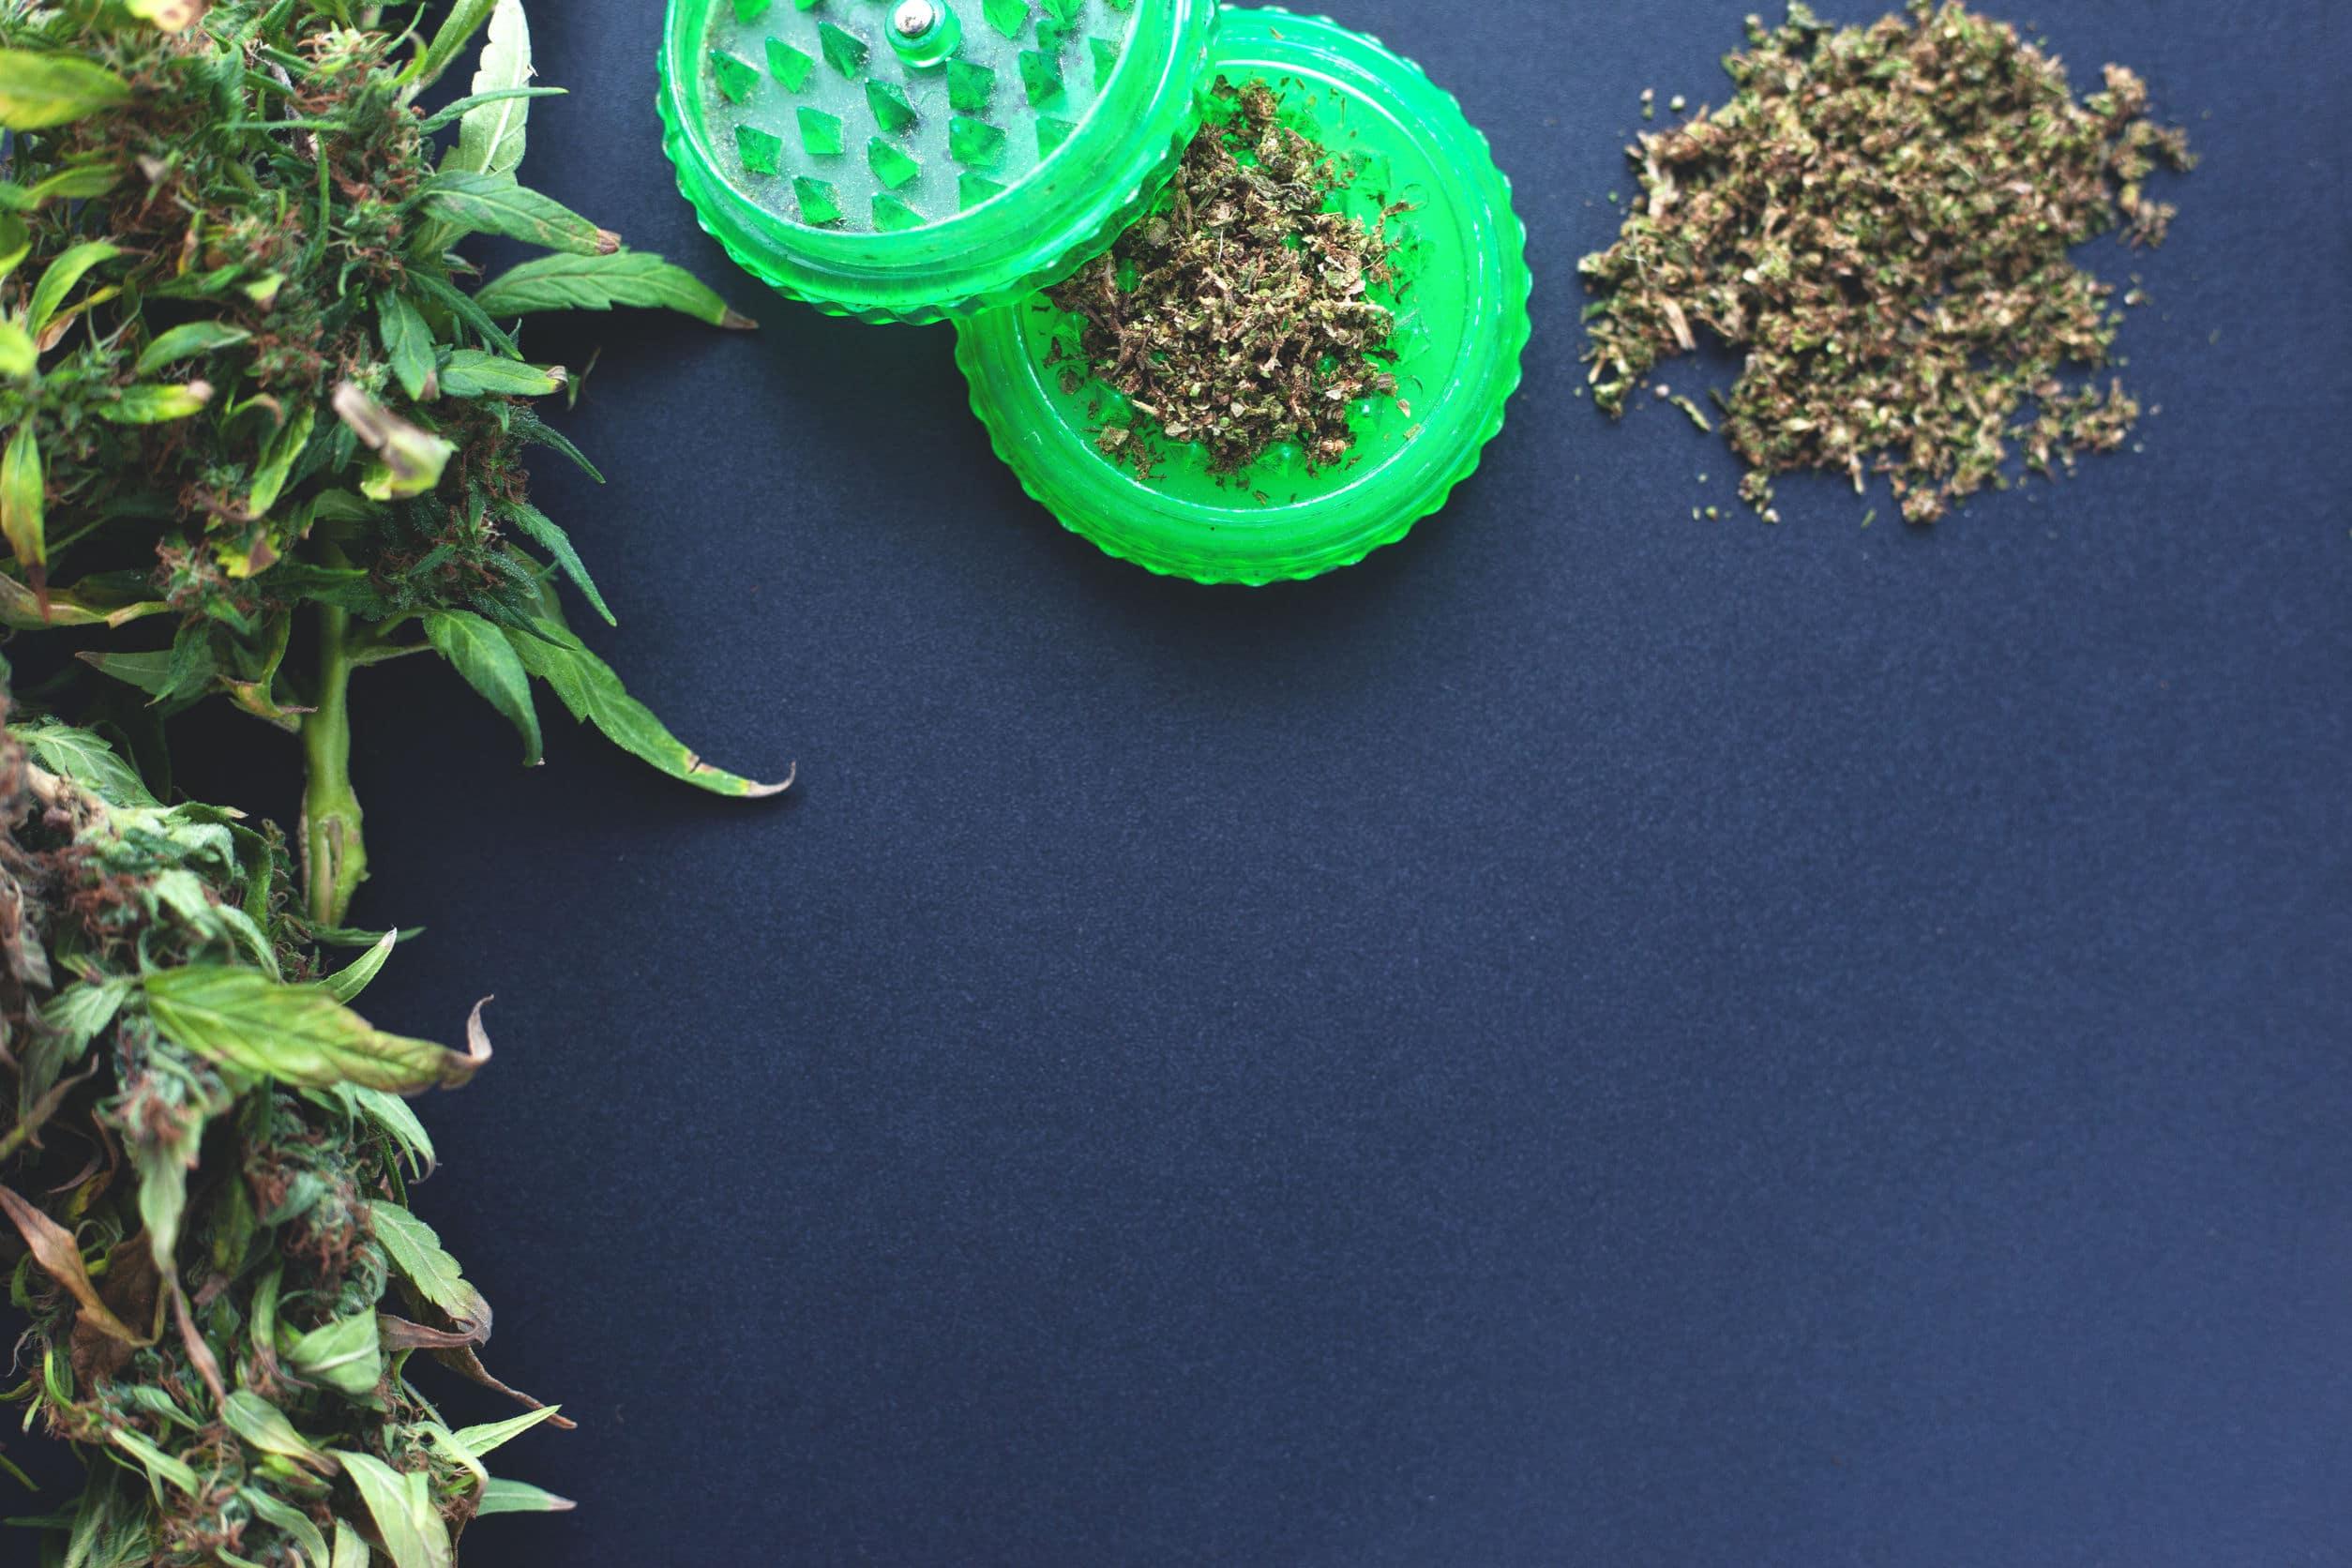 Texas Drug Paraphernalia Laws